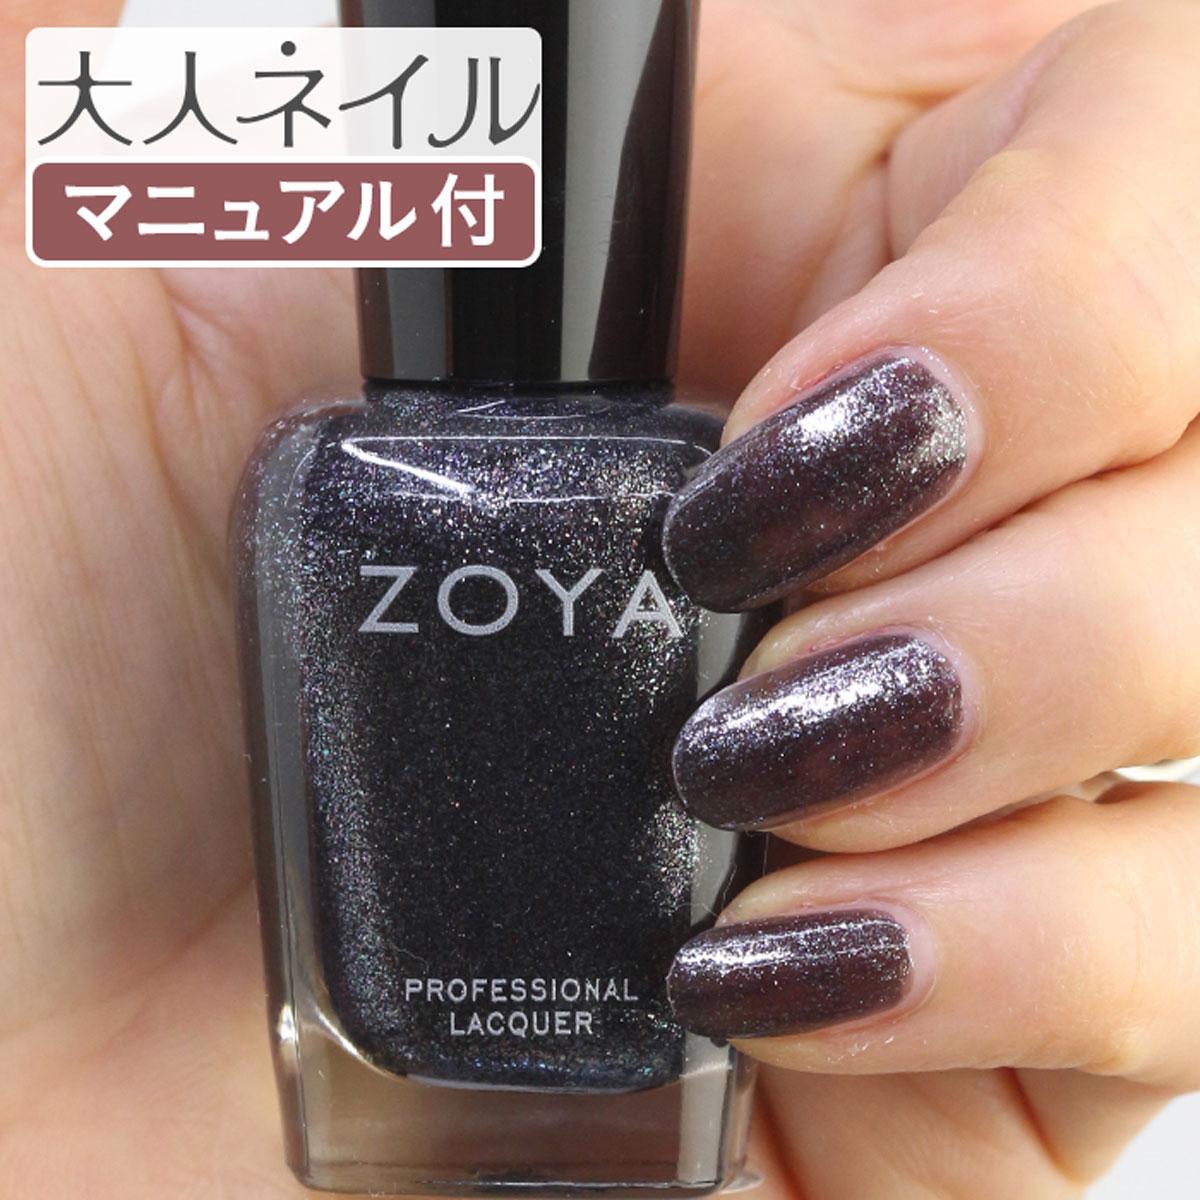 ZOYA ゾーヤ ゾヤ ネイルカラー ZP1012 ASHTON 15mL 自爪 の為に作られた ネイル にやさしい 自然派 マニキュア zoya セルフネイル にもおすすめ ブラック グリッター 冬ネイル 冬カラー